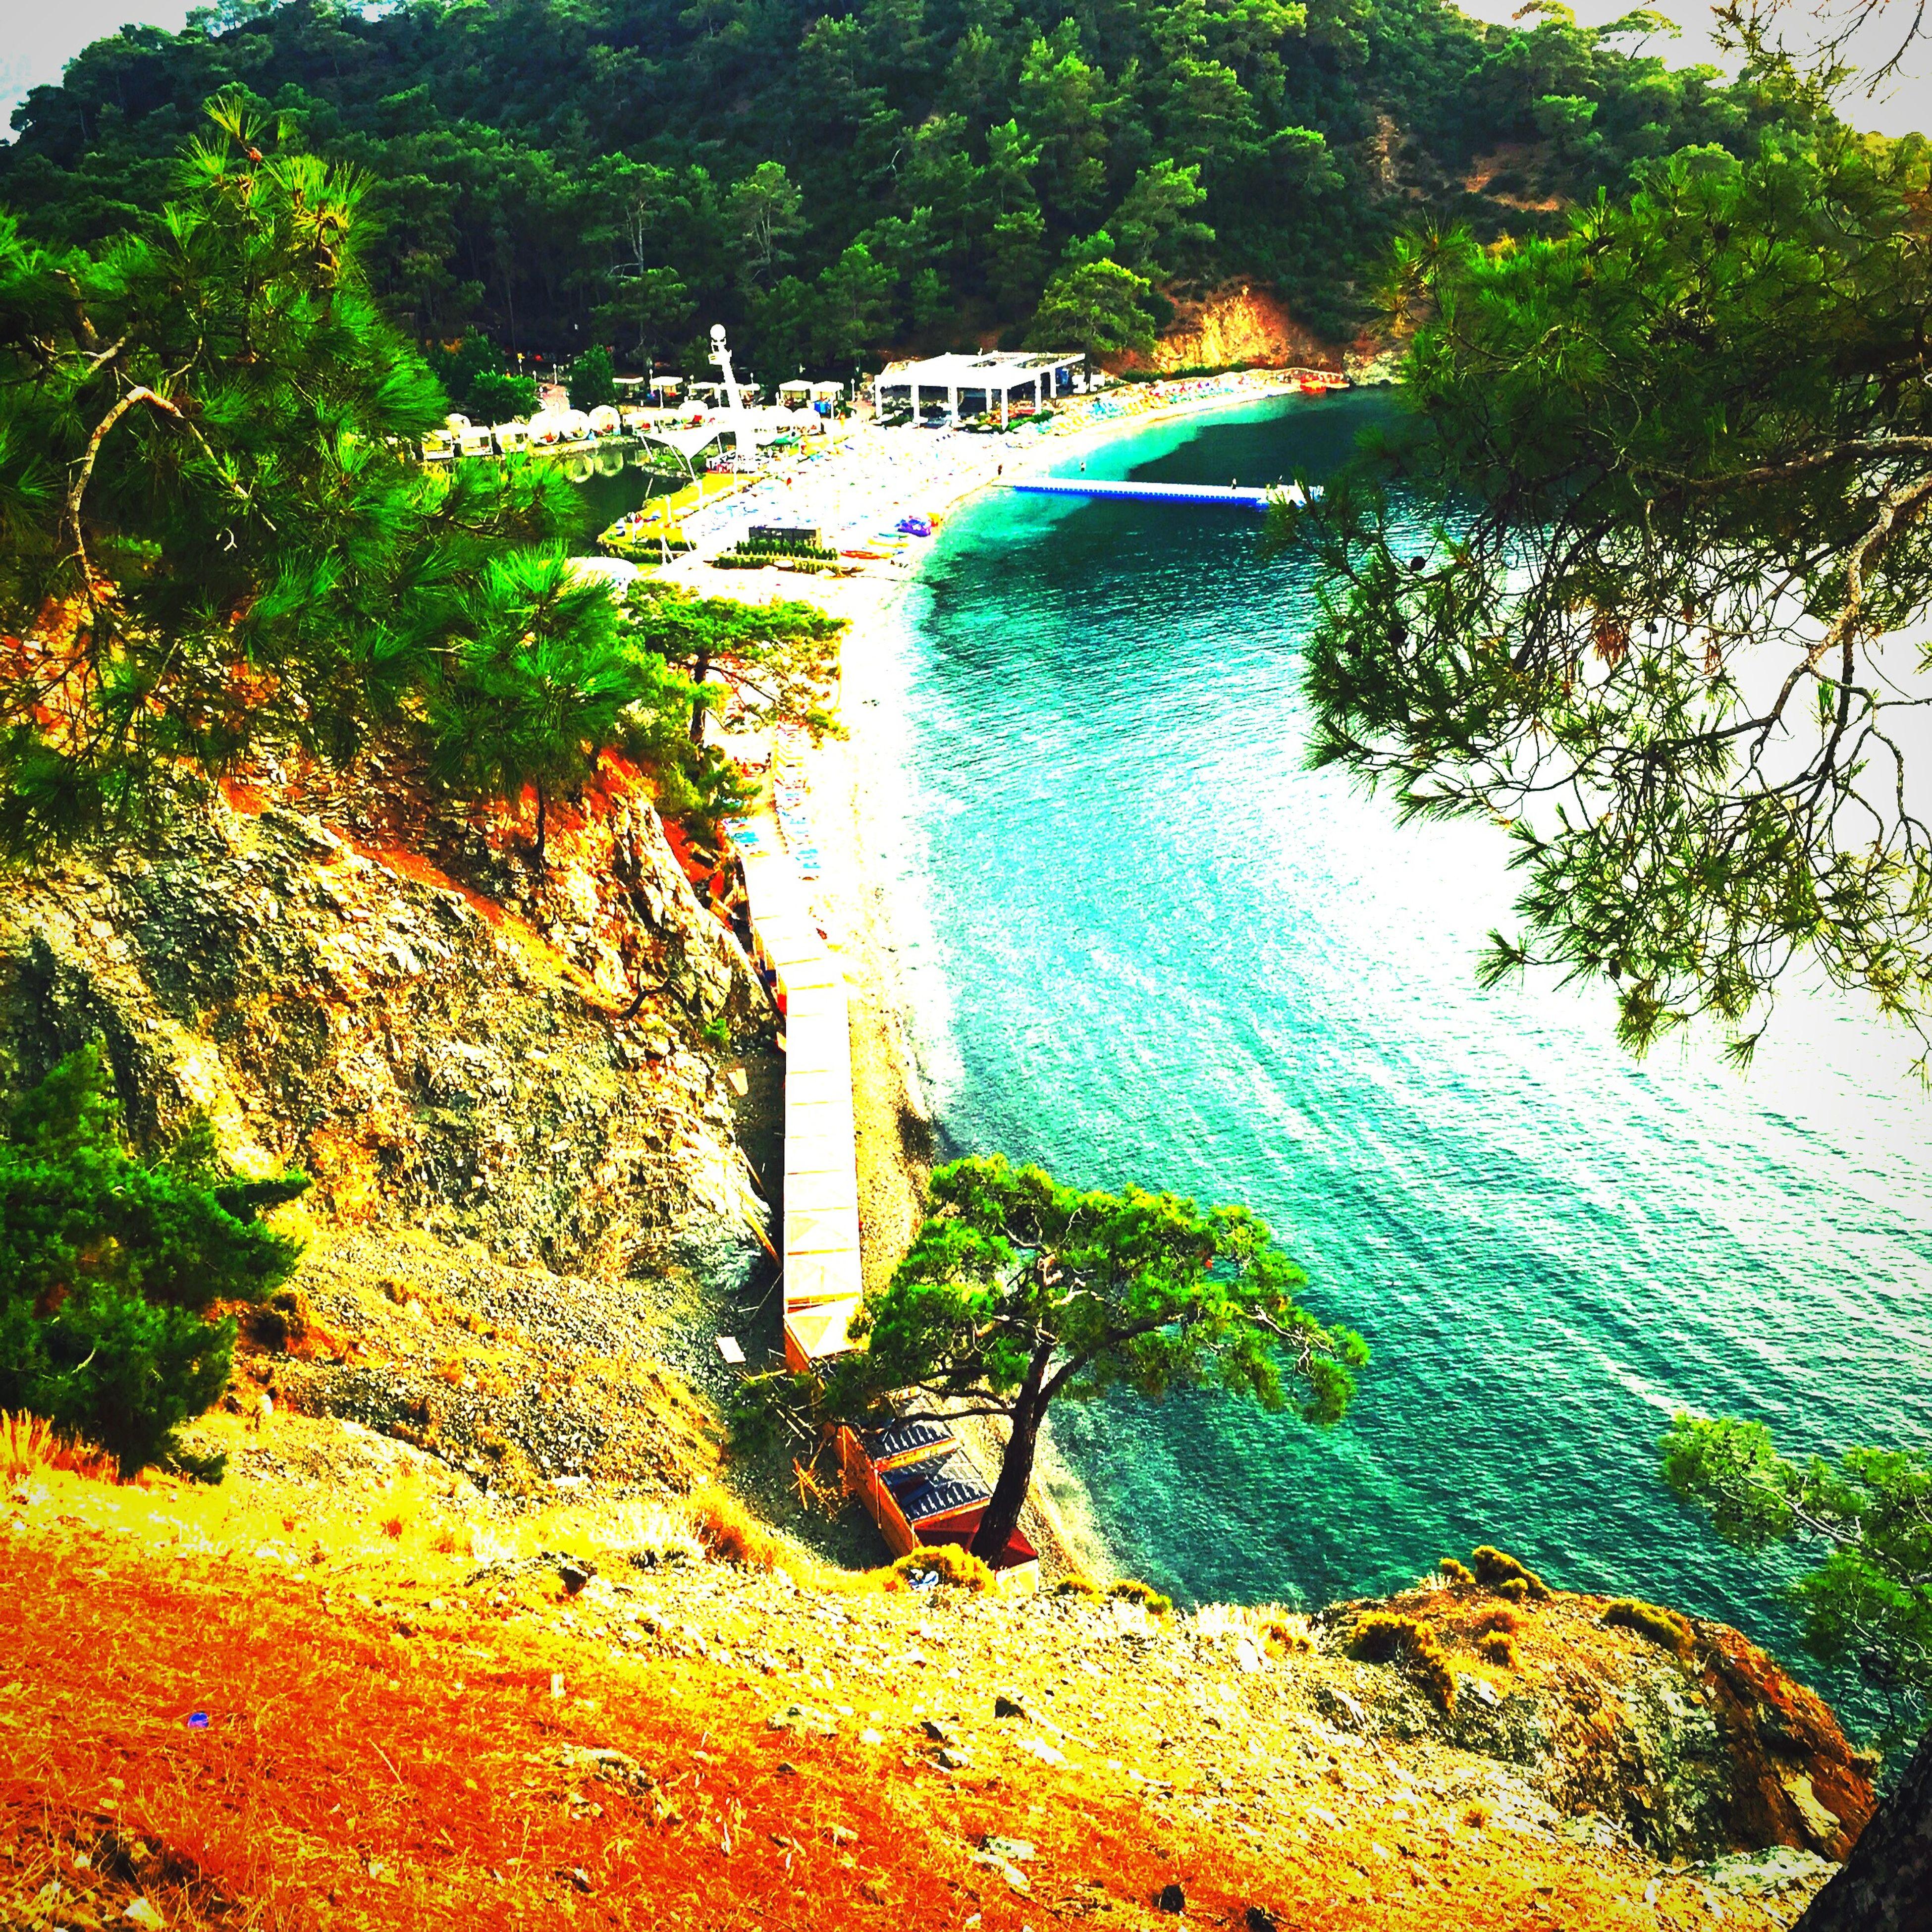 Kuleli Koyu Kulelikoyu Tatil Mutluluk Doğa Deniz Kum Gunes Eğlence Manzara